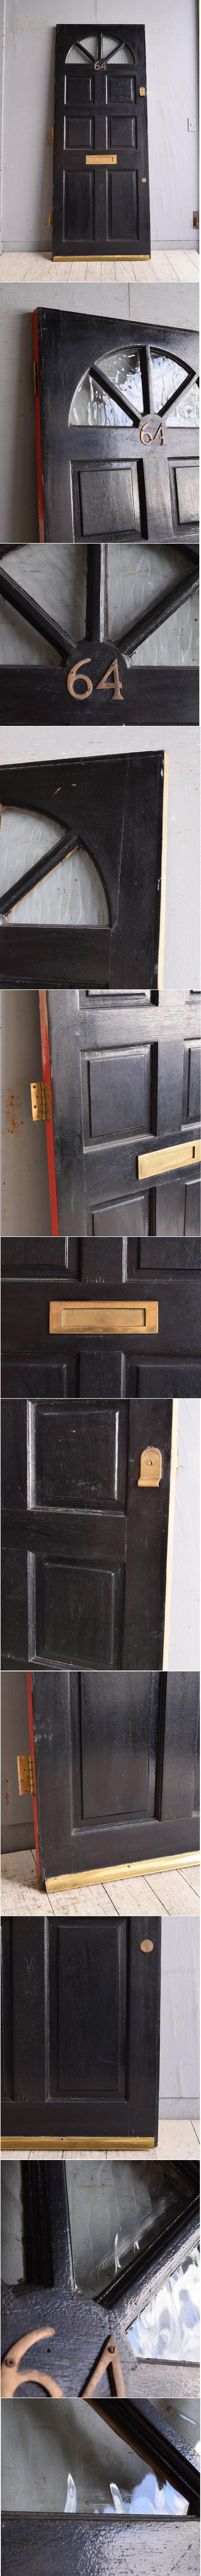 イギリス アンティーク ドア 扉 建具 9745